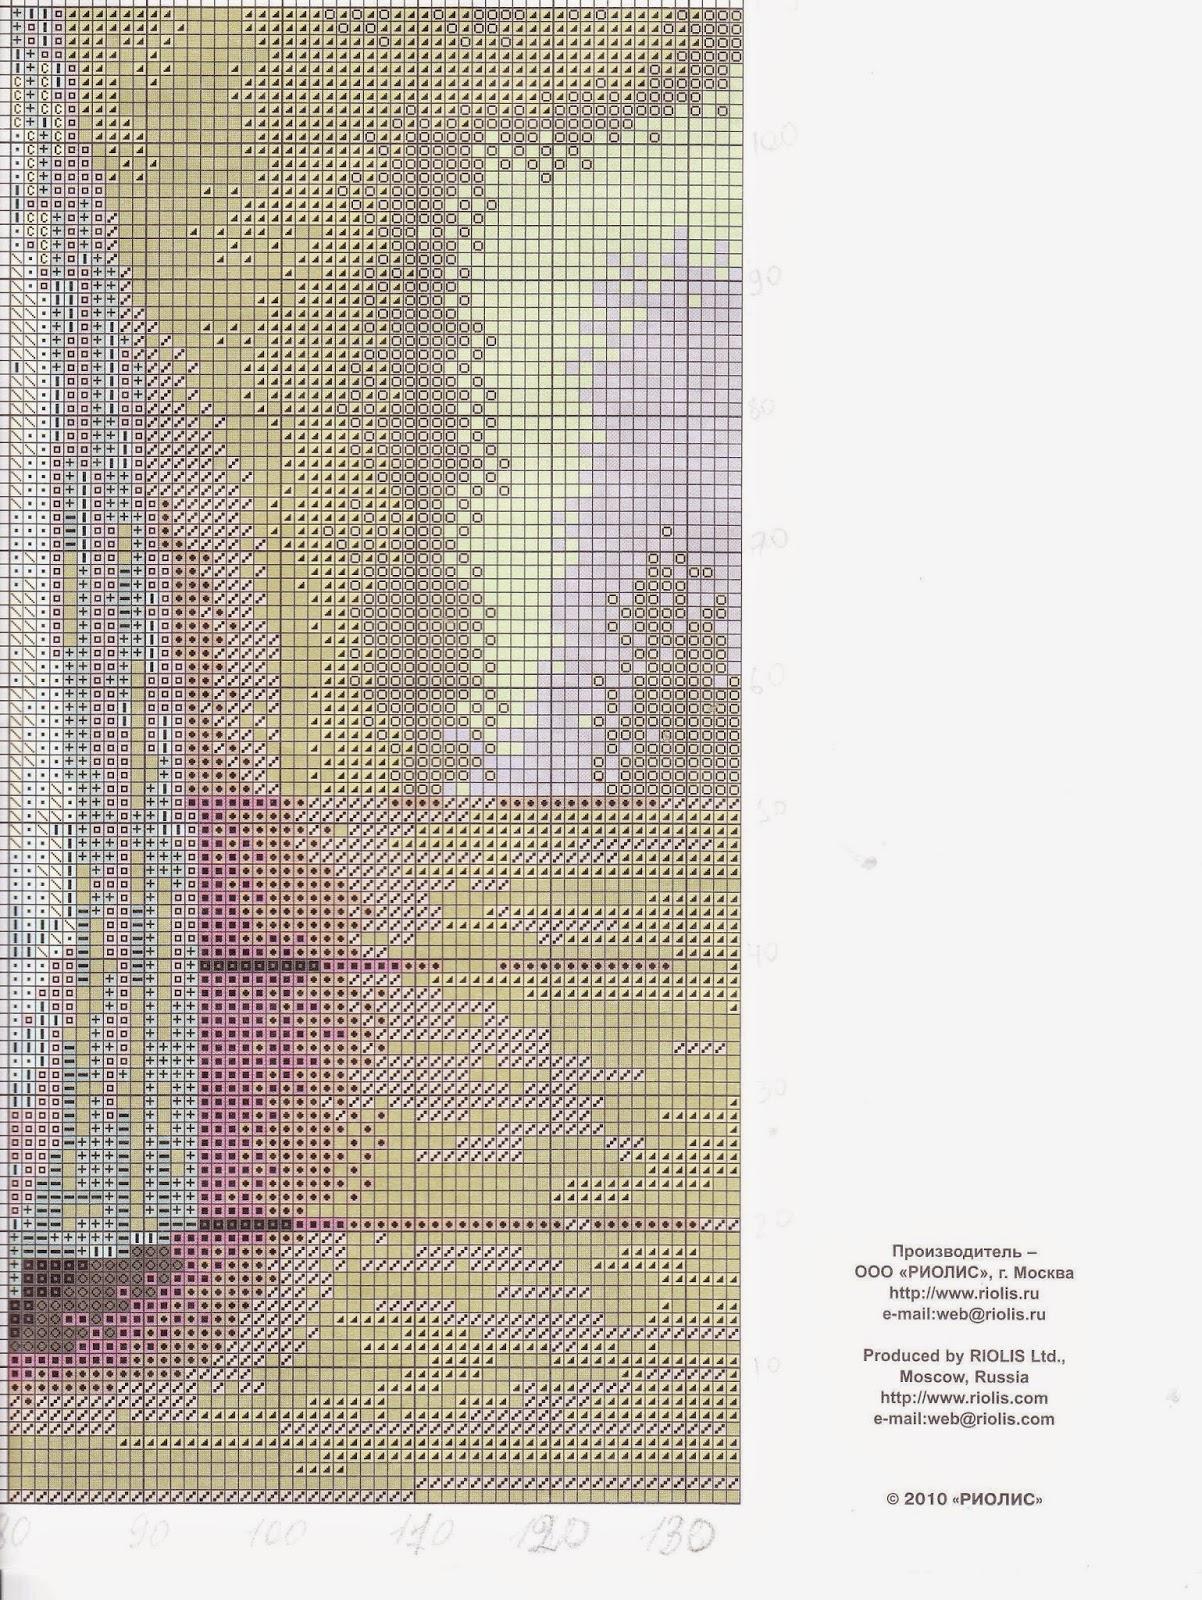 вышивка крестом схема дом xsd